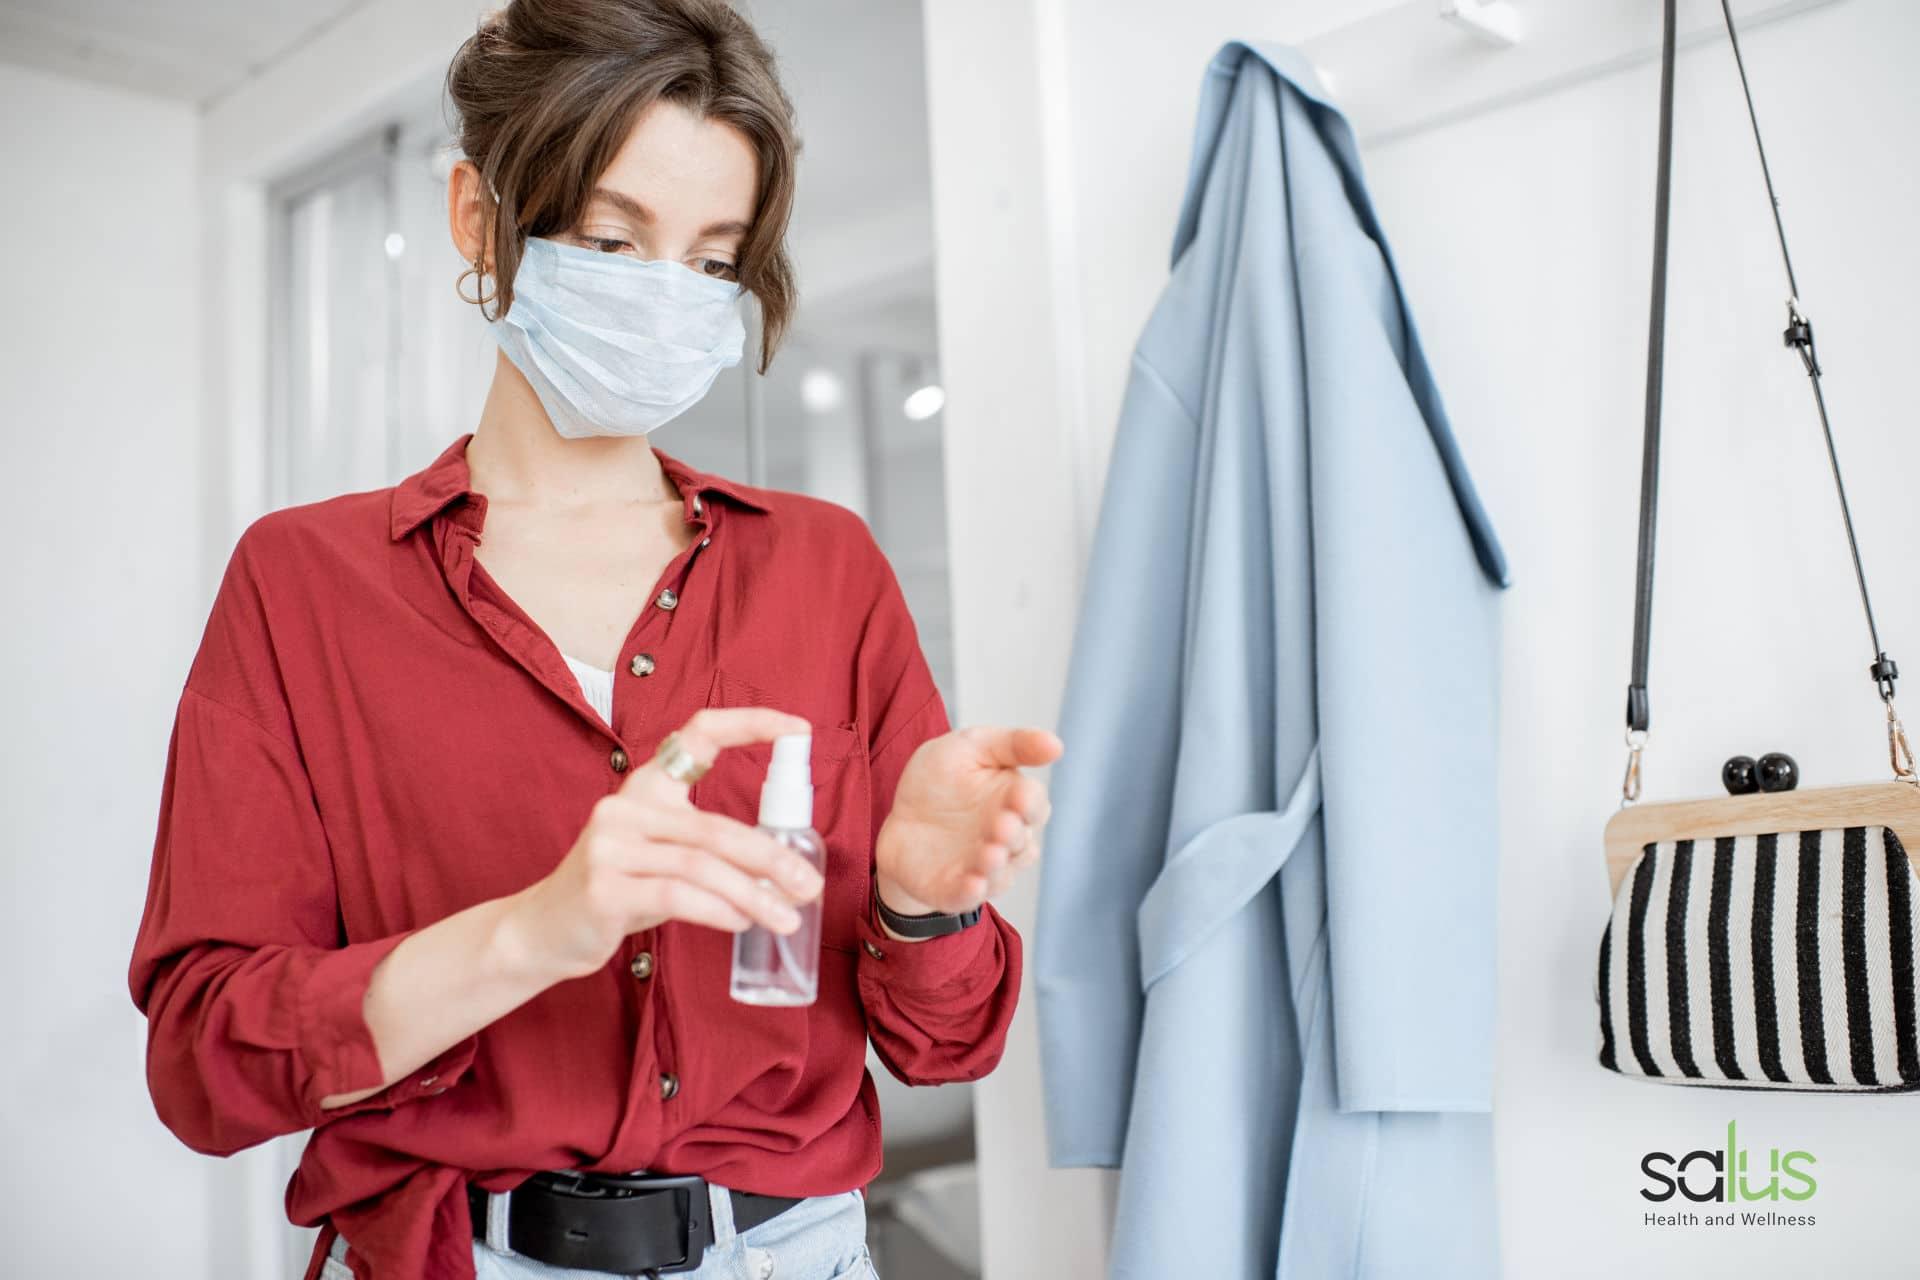 Salus Blog Come utilizzare correttamente mascherine quali sono accorgimenti da adottare